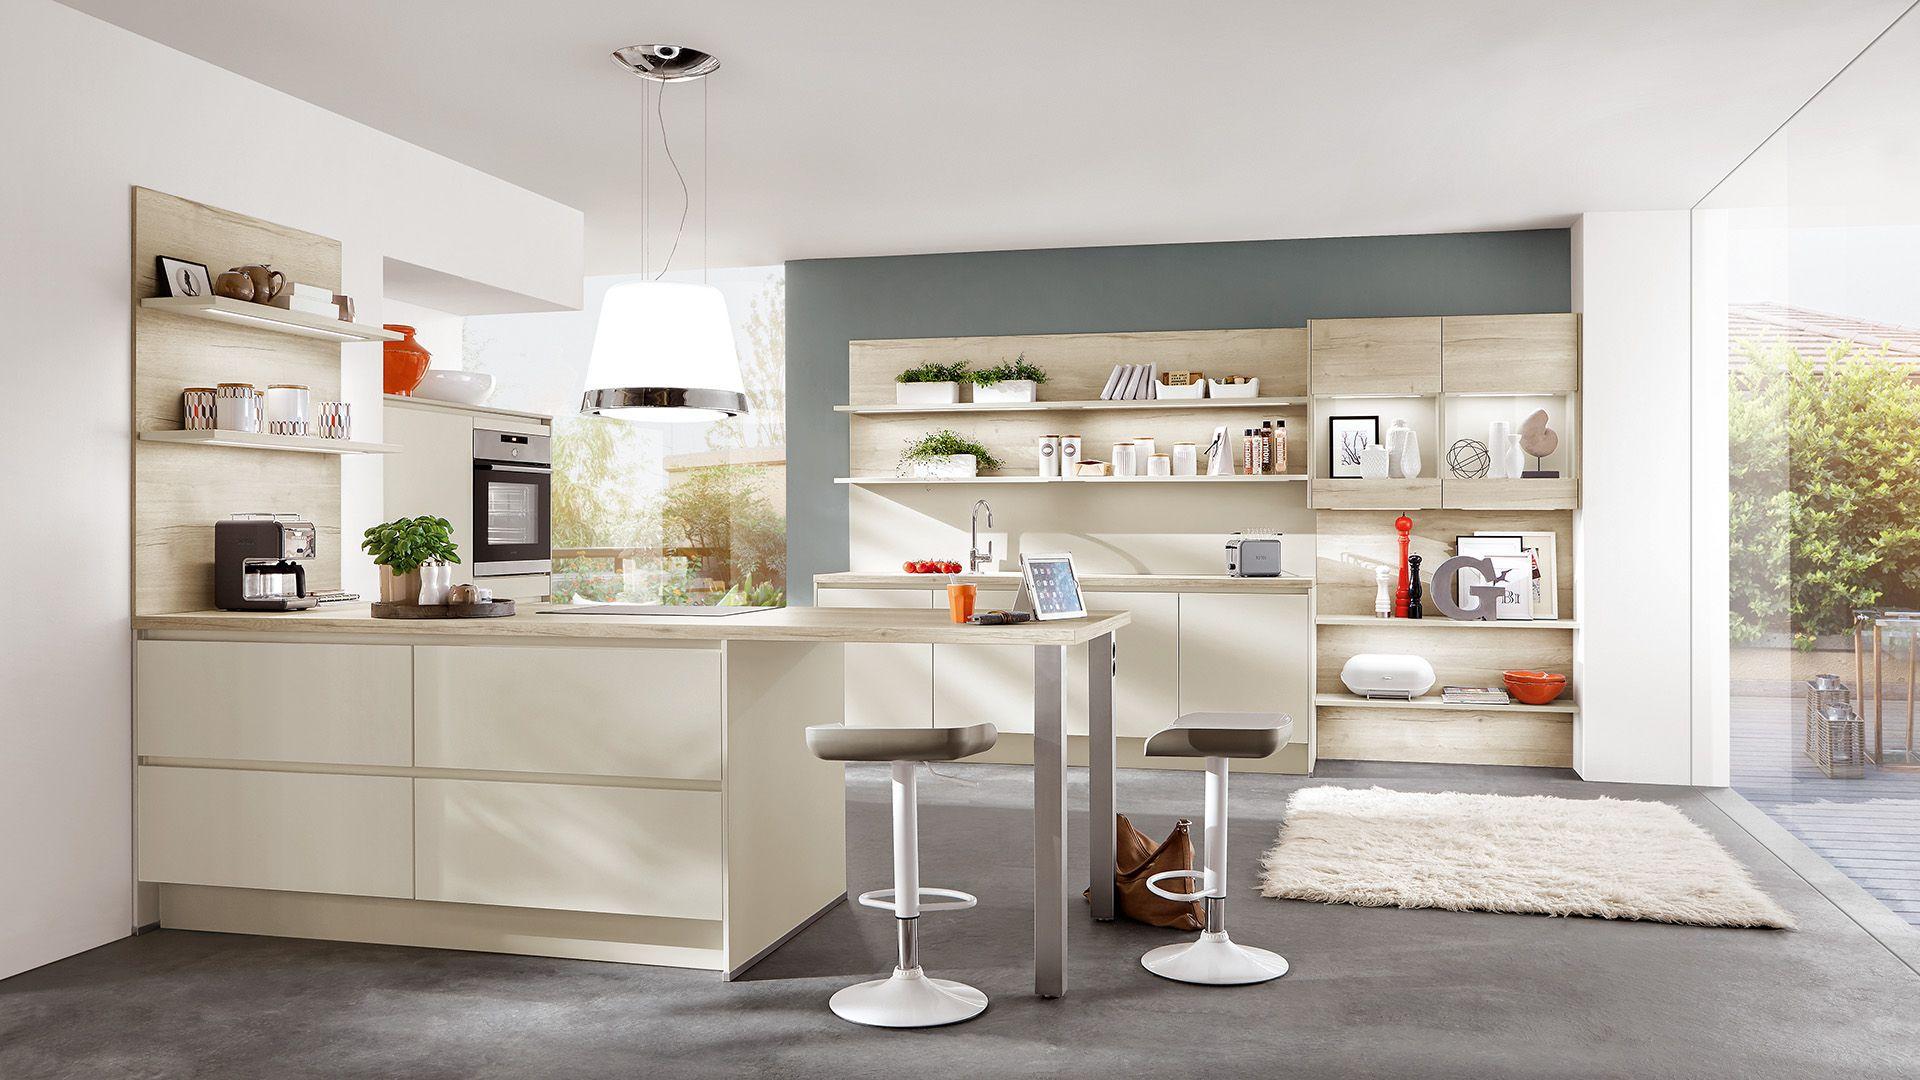 Nobilia Kuchen Cuisines Nobilia Produkte Cuisine Moderne Cuisines Design Cuisine